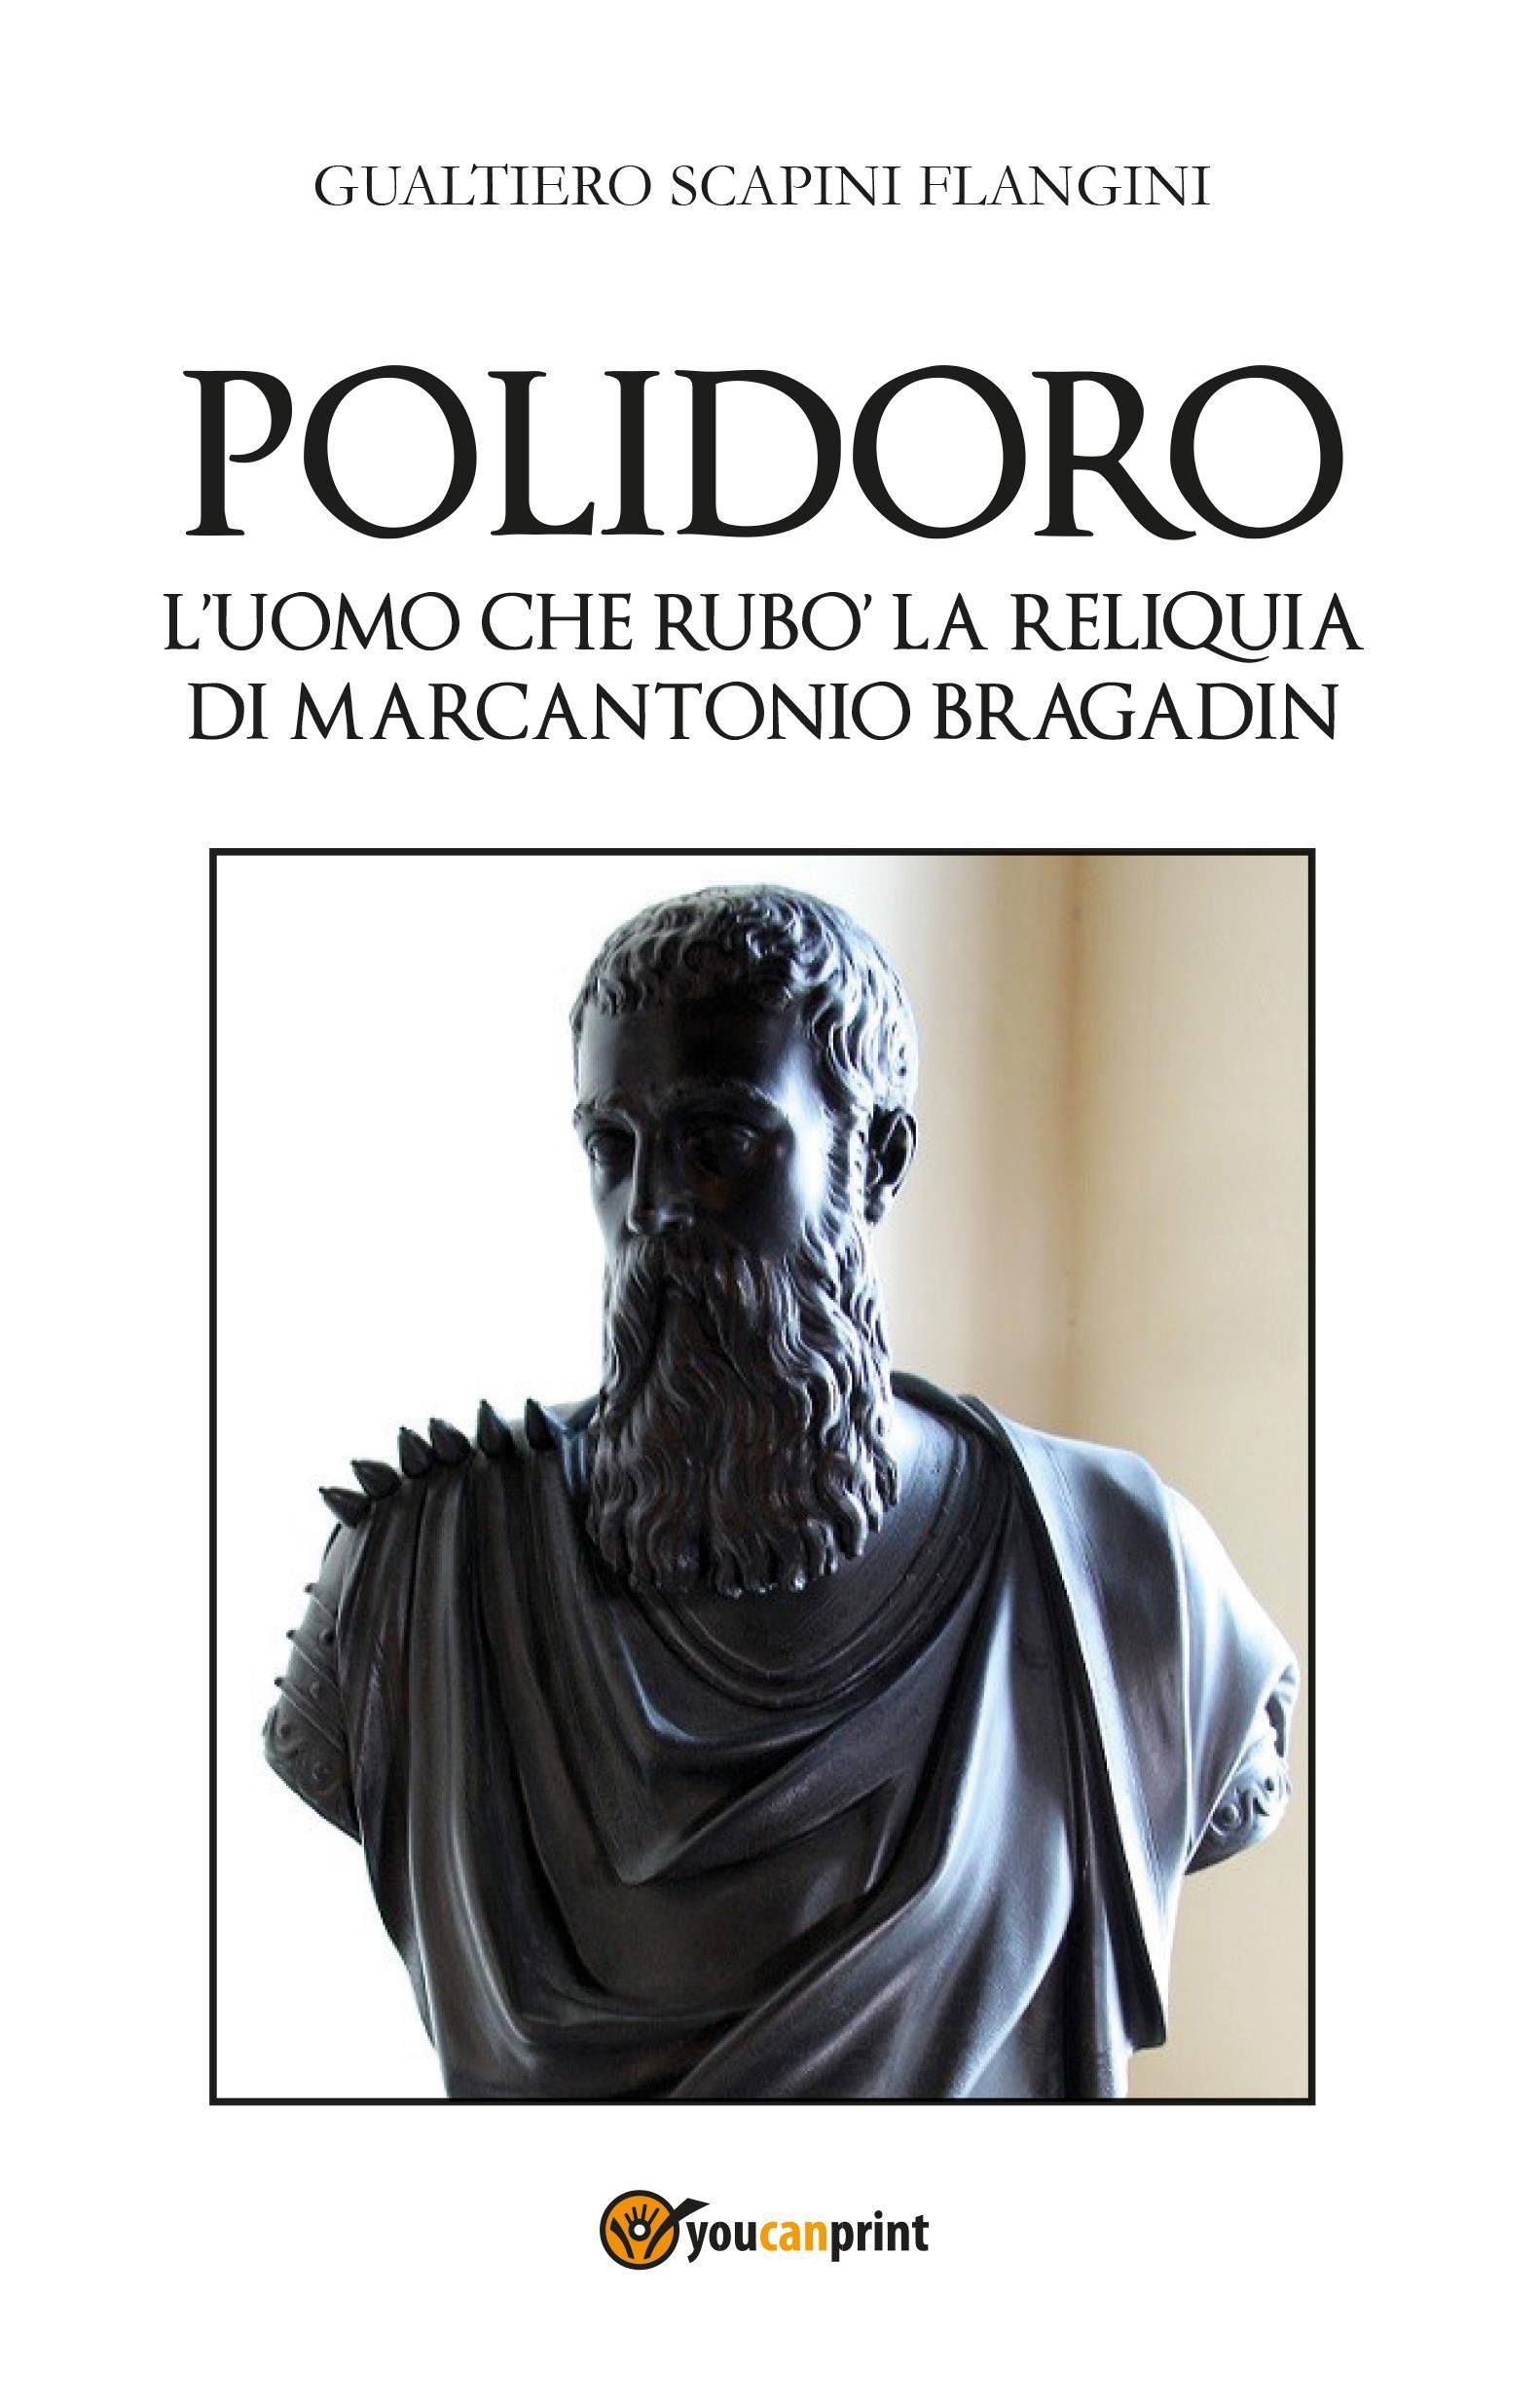 Polidoro - L'uomo che rubò la reliquia di Marcantonio Bragadin